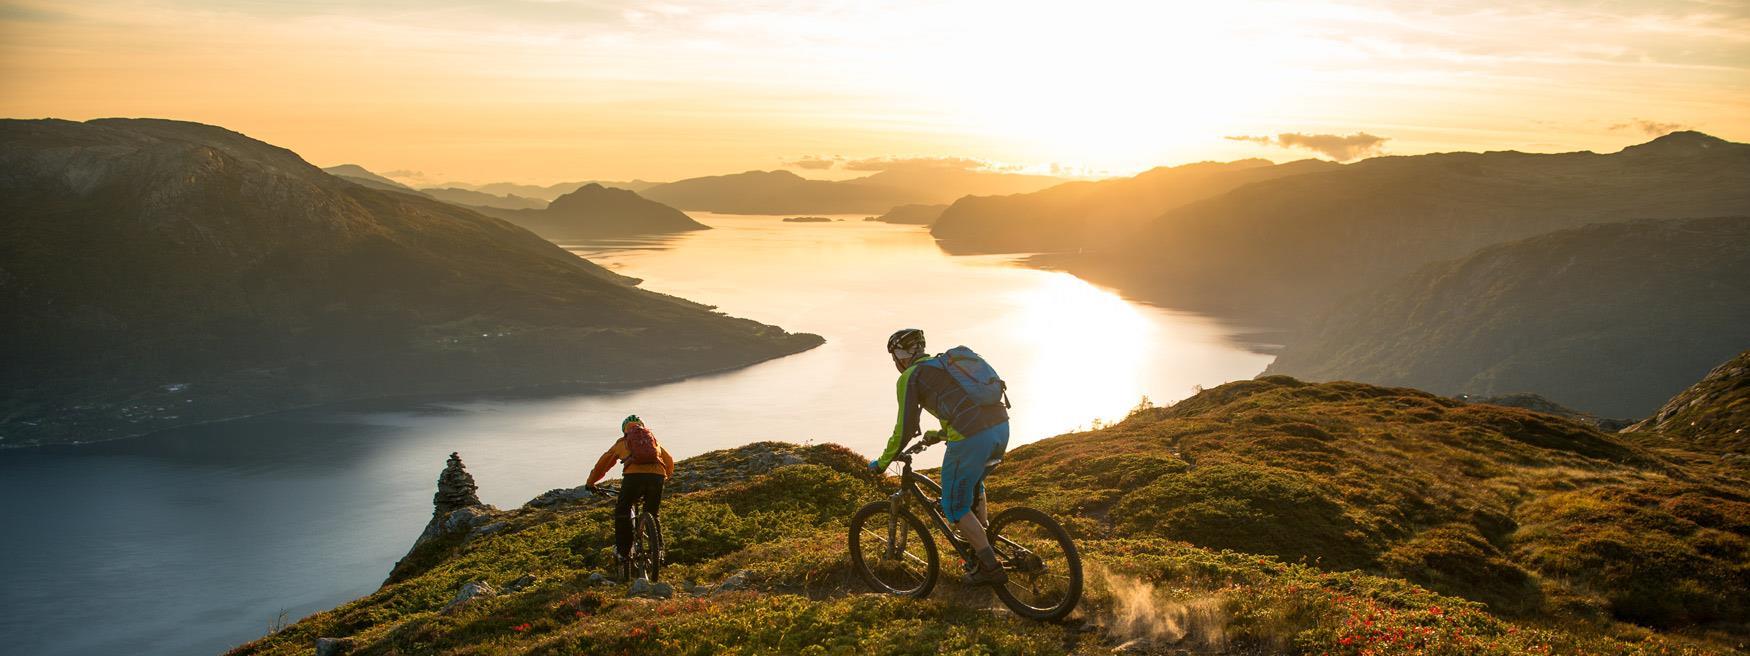 www.fjordnorway.com5.jpg